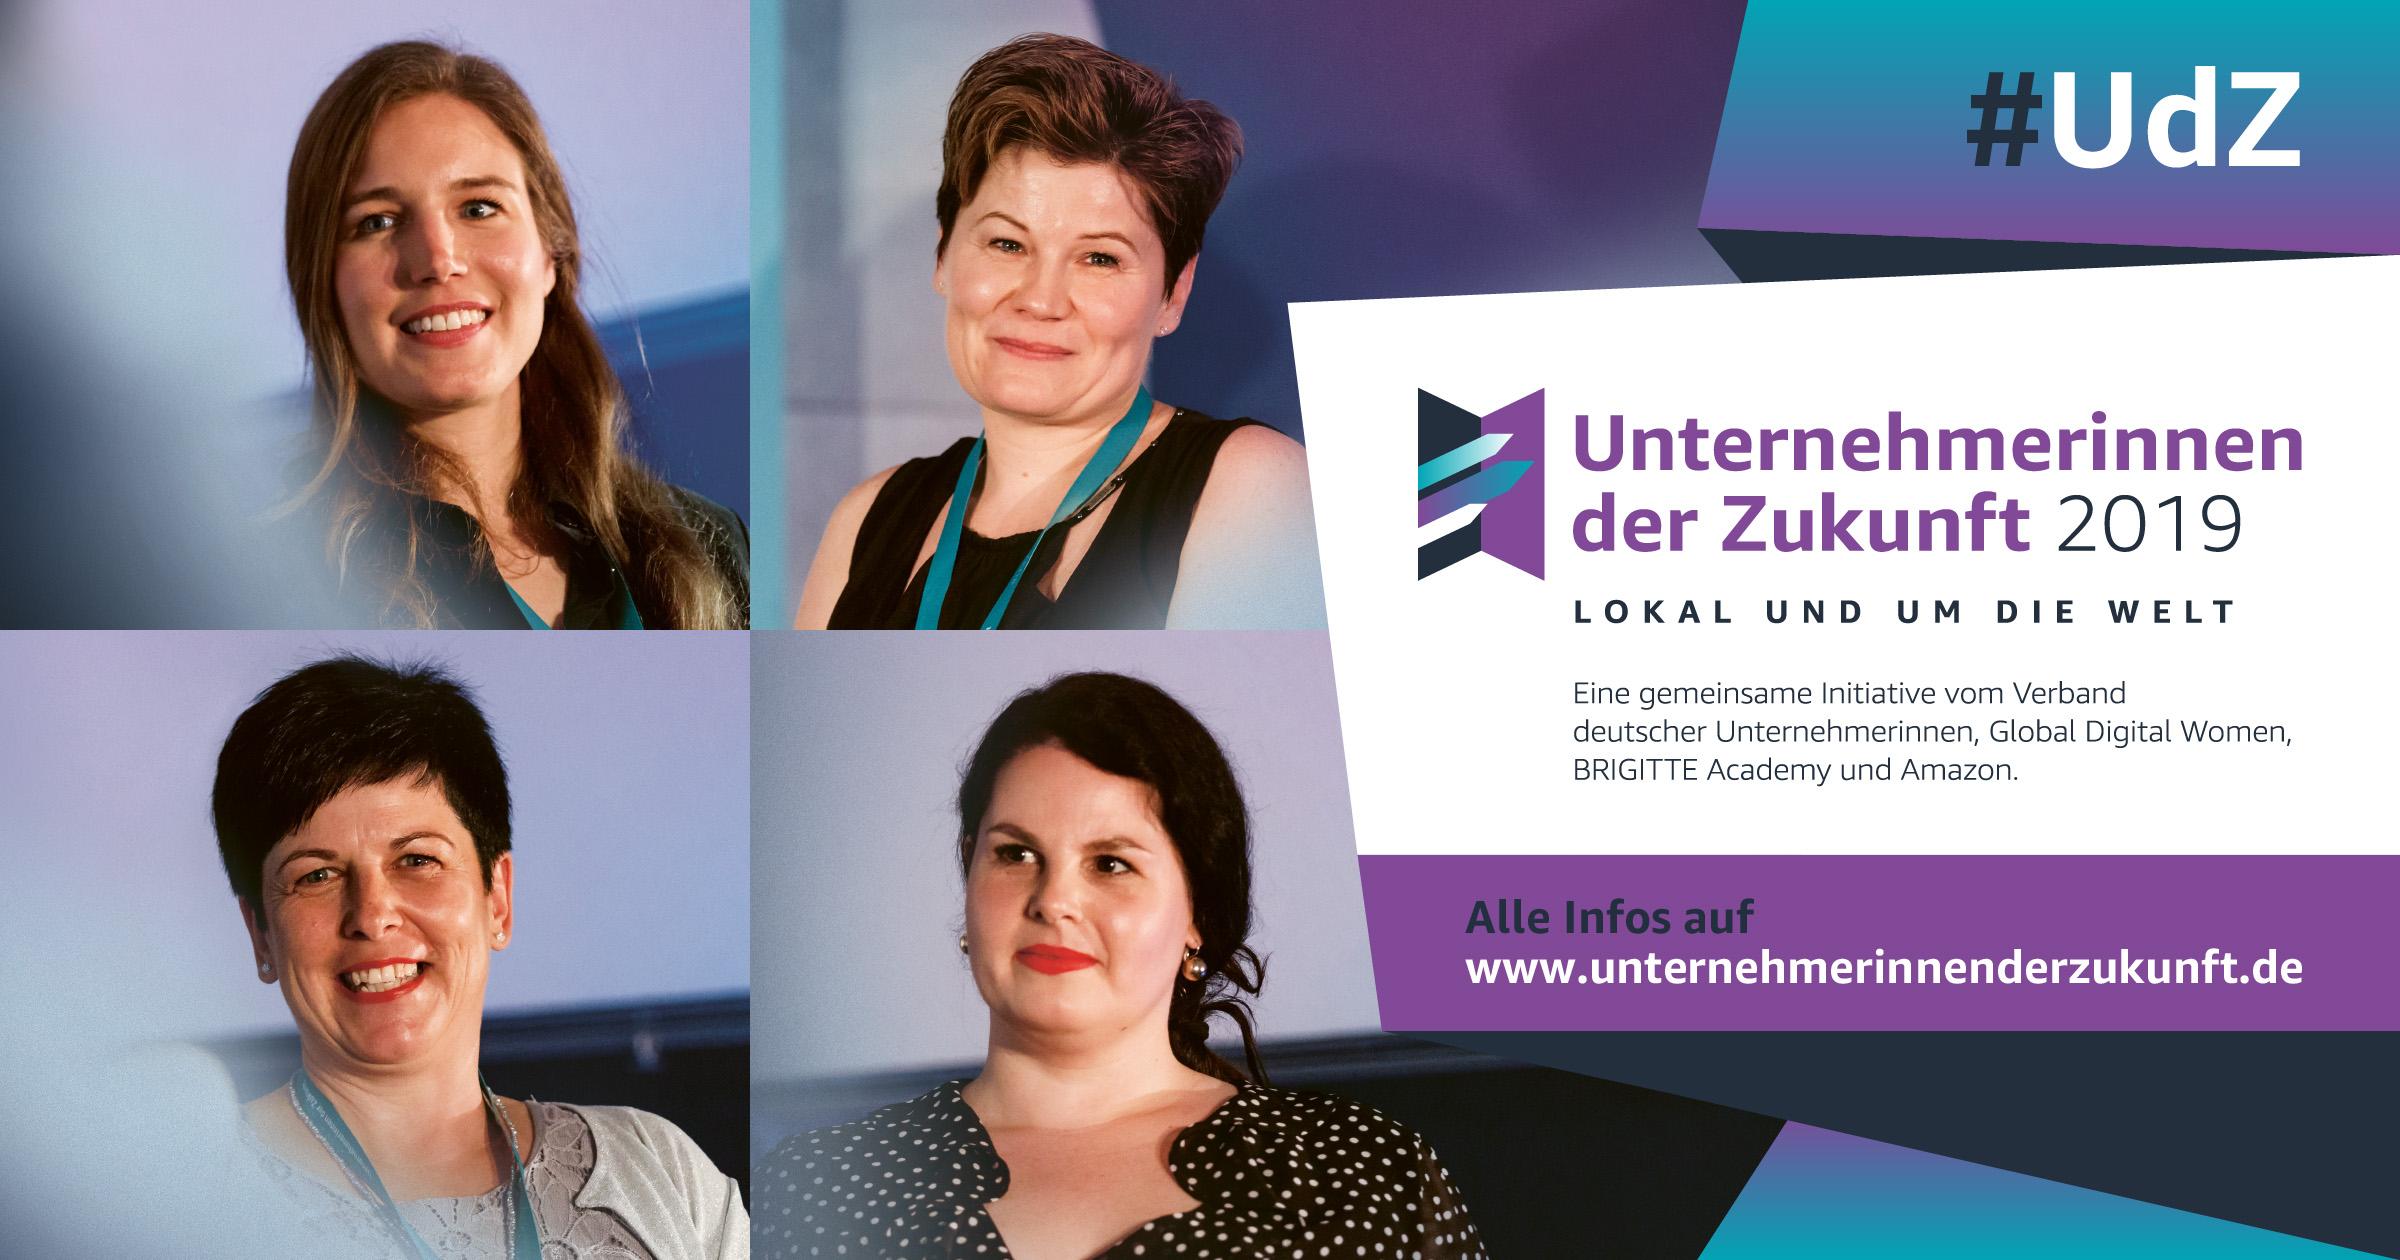 Unternehmerinnen der Zukunft 2019, Lokal und um die Welt